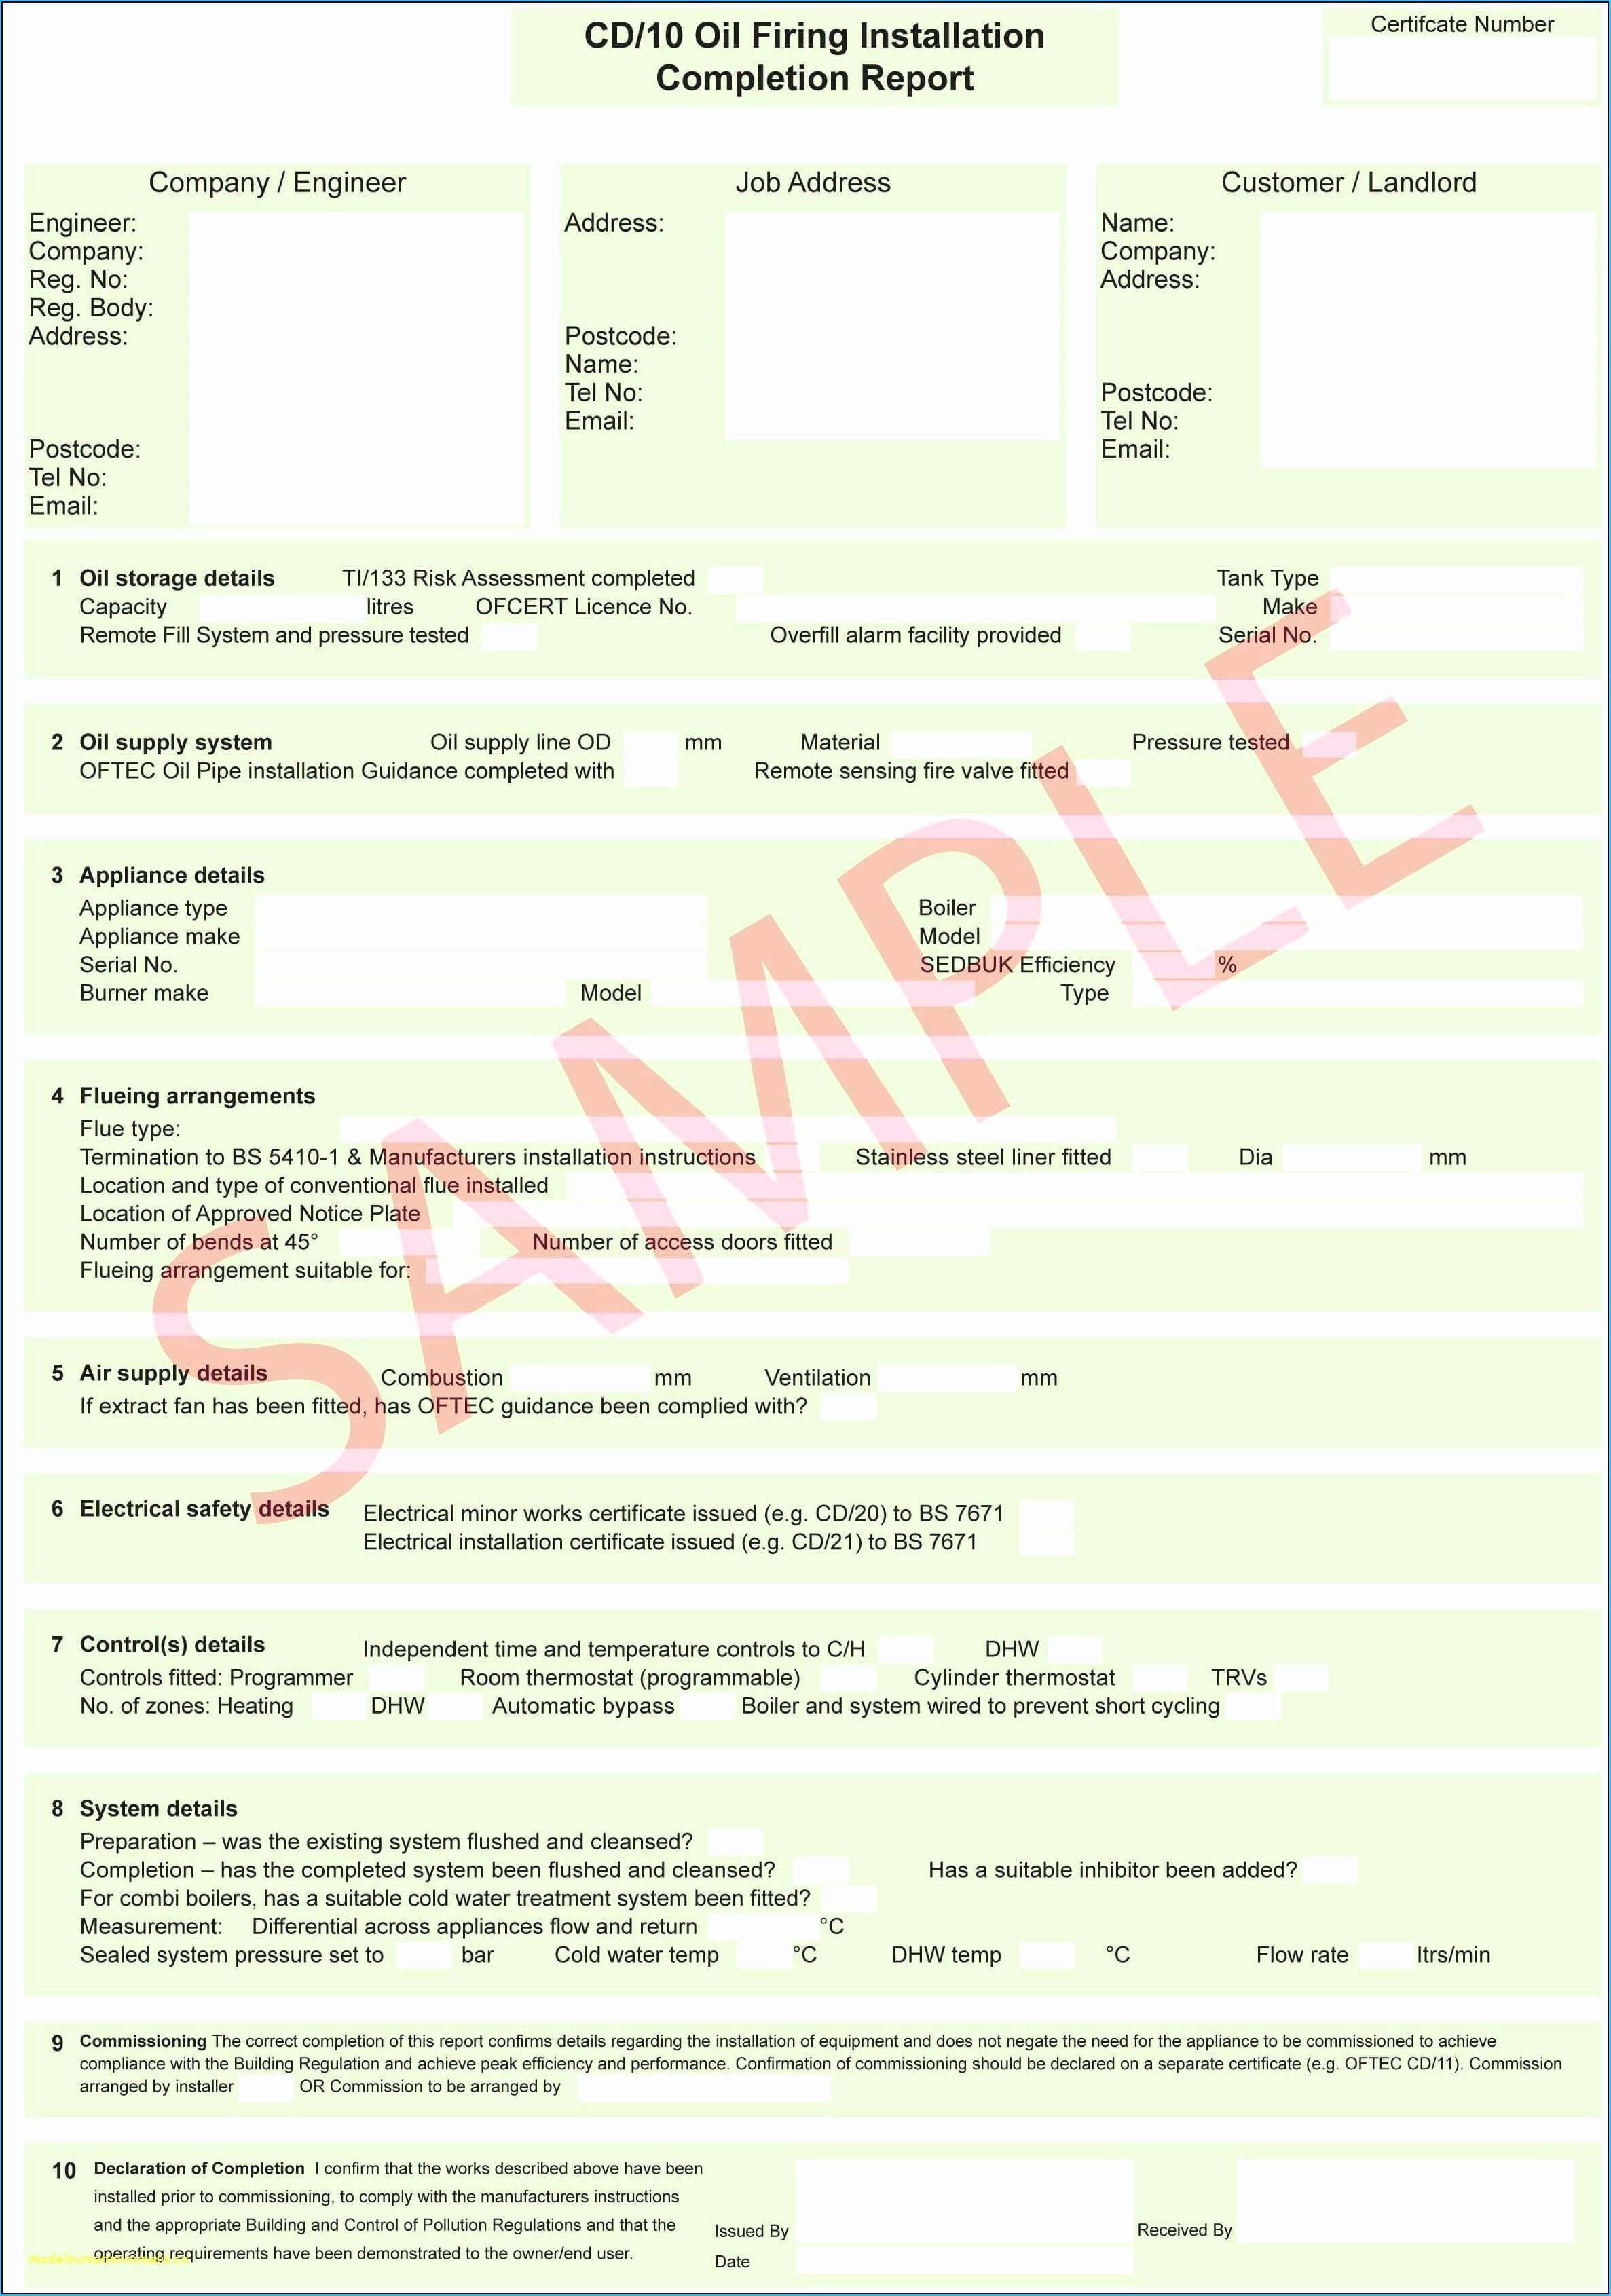 Incredible Gartner Certificate Templates As Prepossessing Within Gartner Certificate Templates